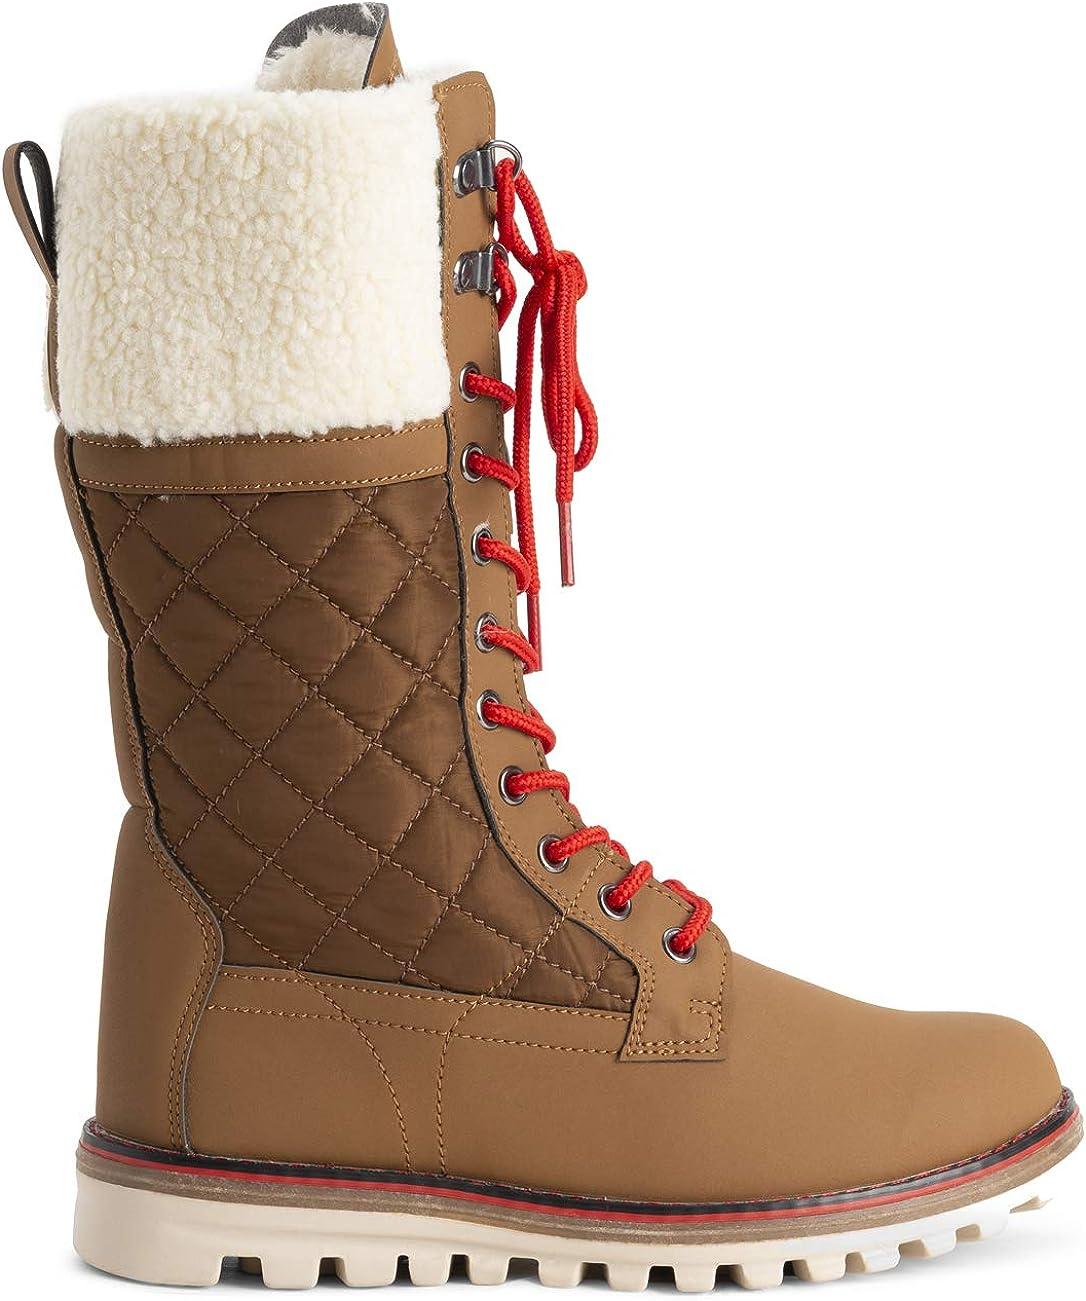 Polar Damen Schnee Dauerhaft Draussen Thermal Winter Warm Wasserdicht Mittelhoher Stiefel